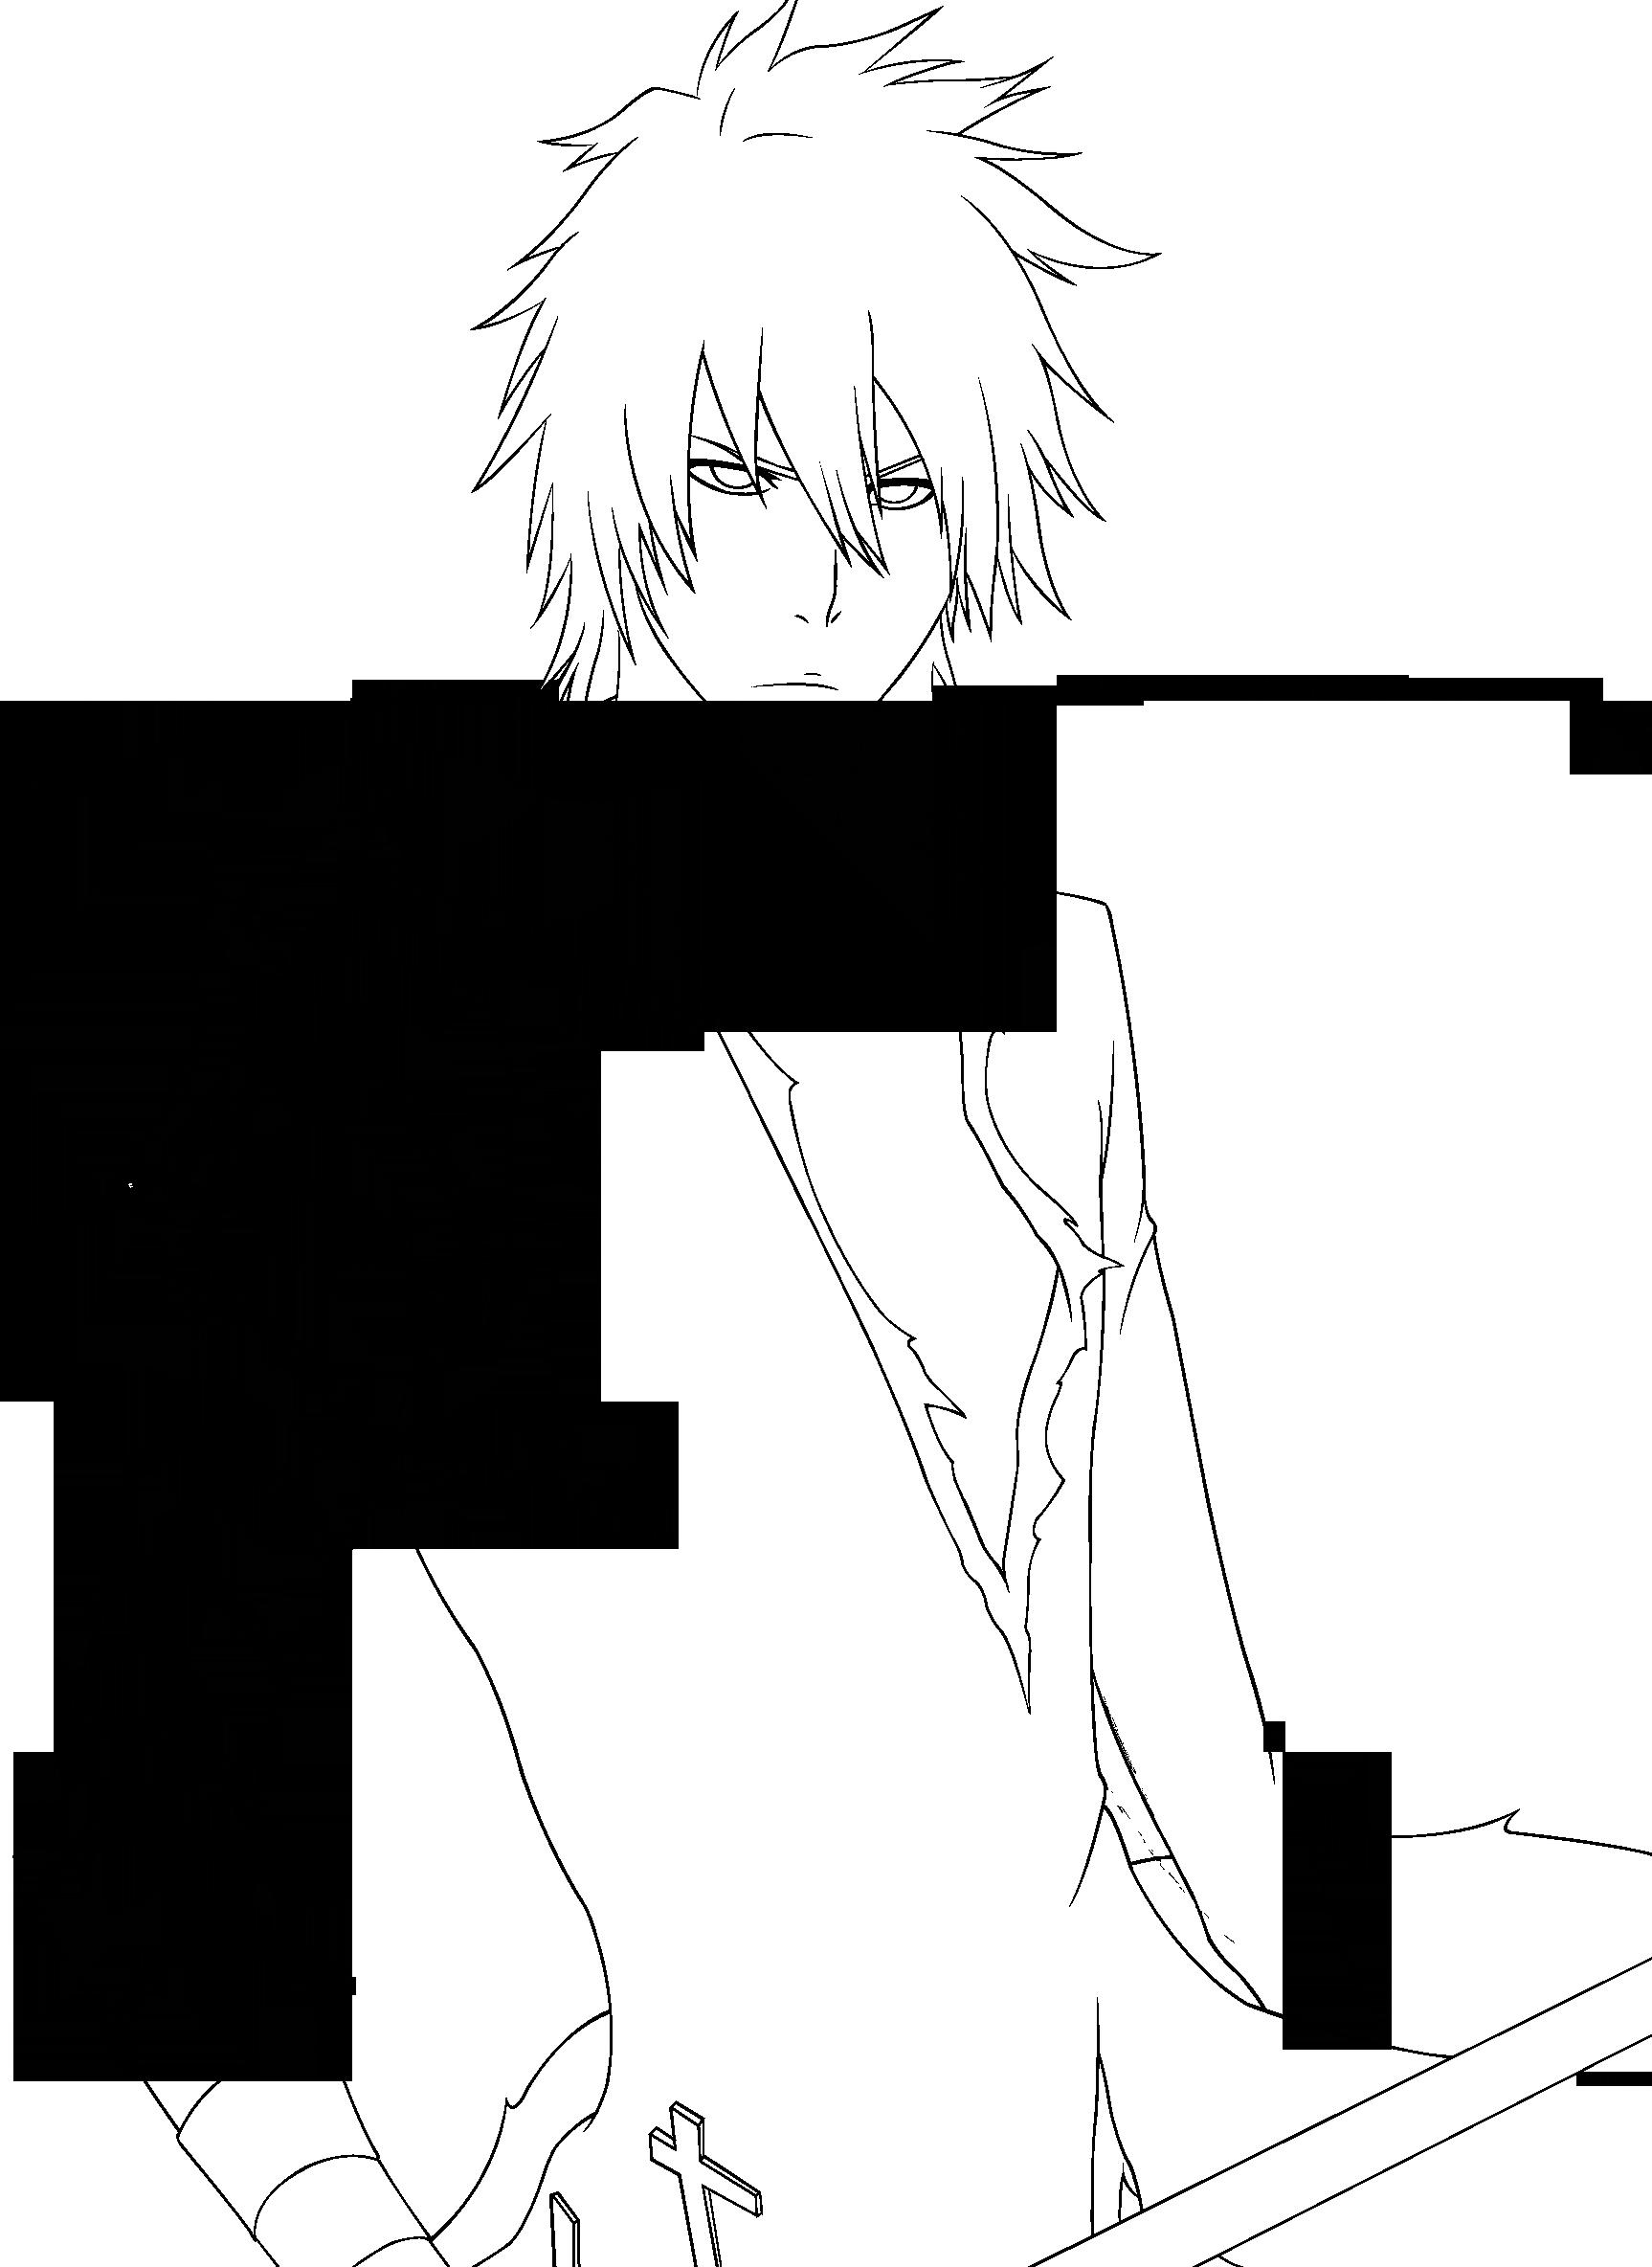 Old Ichigo By Sora Dciel On Deviantart Bleach Anime Art Bleach Drawing Bleach Anime Ichigo